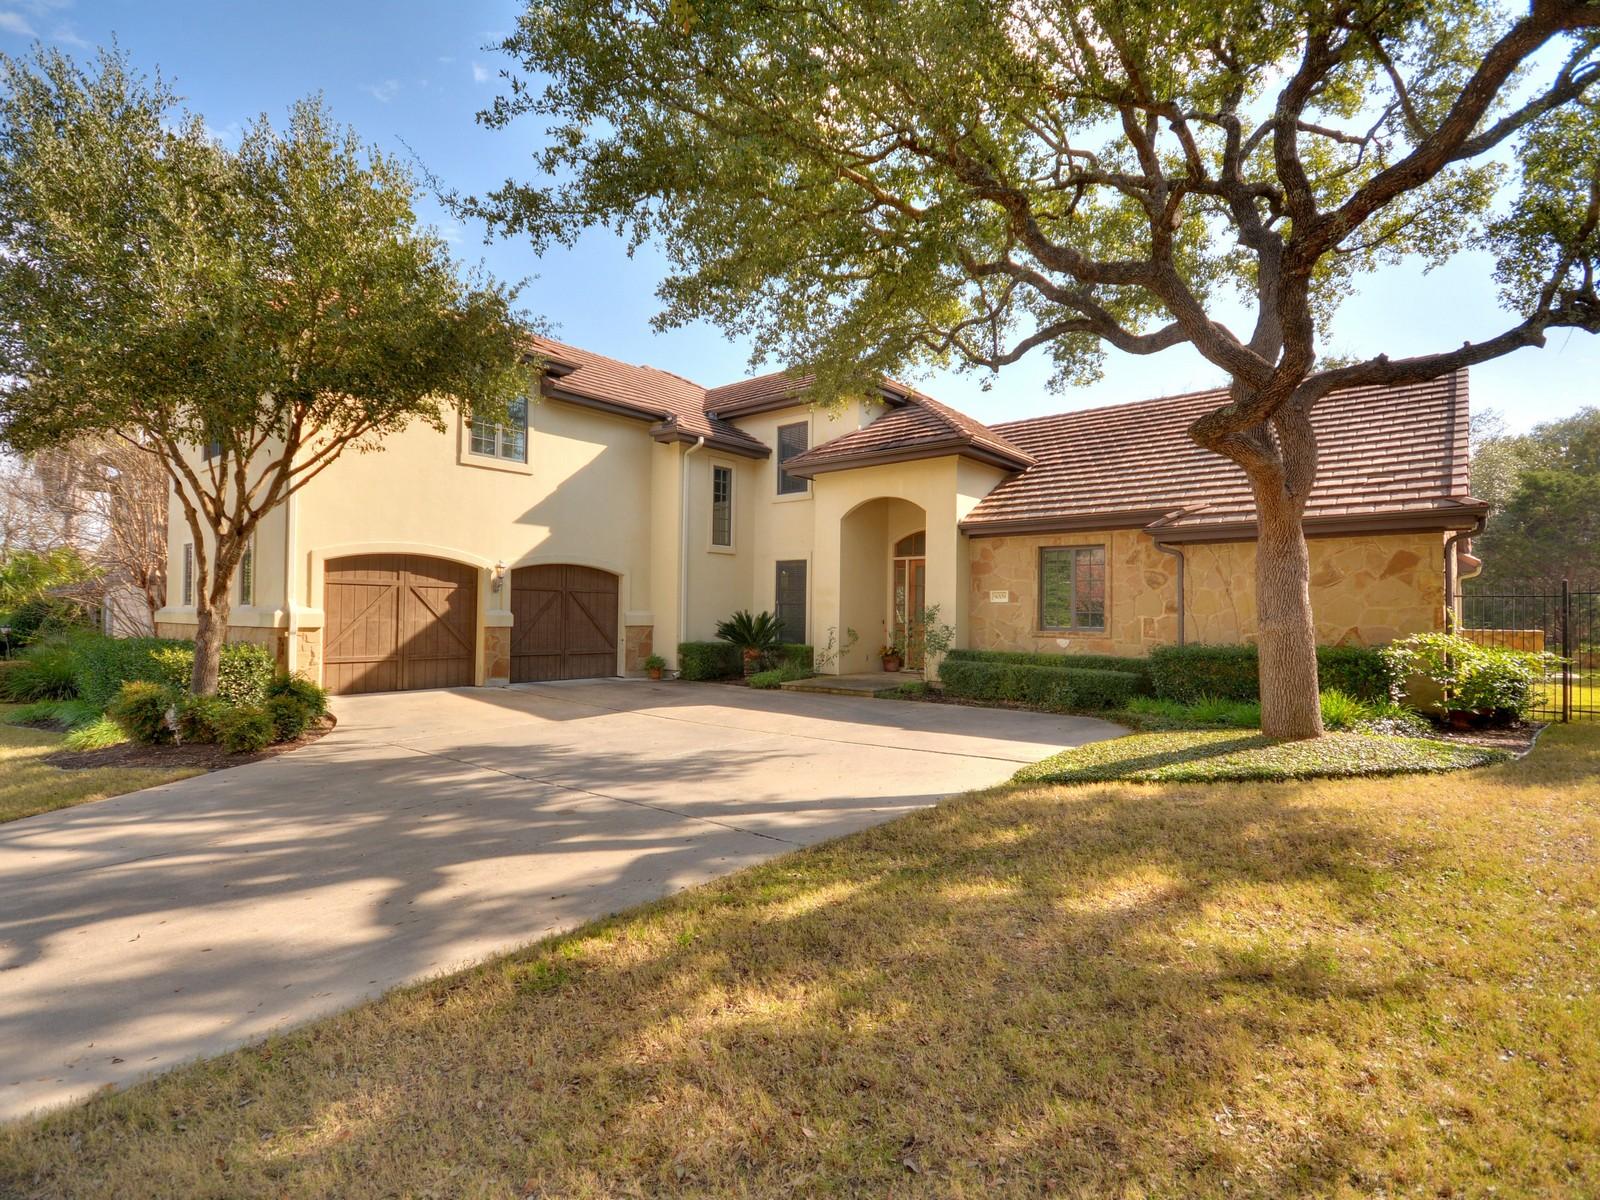 Moradia para Venda às Resort Style Living 9009 Wimberly Cv Austin, Texas, 78735 Estados Unidos